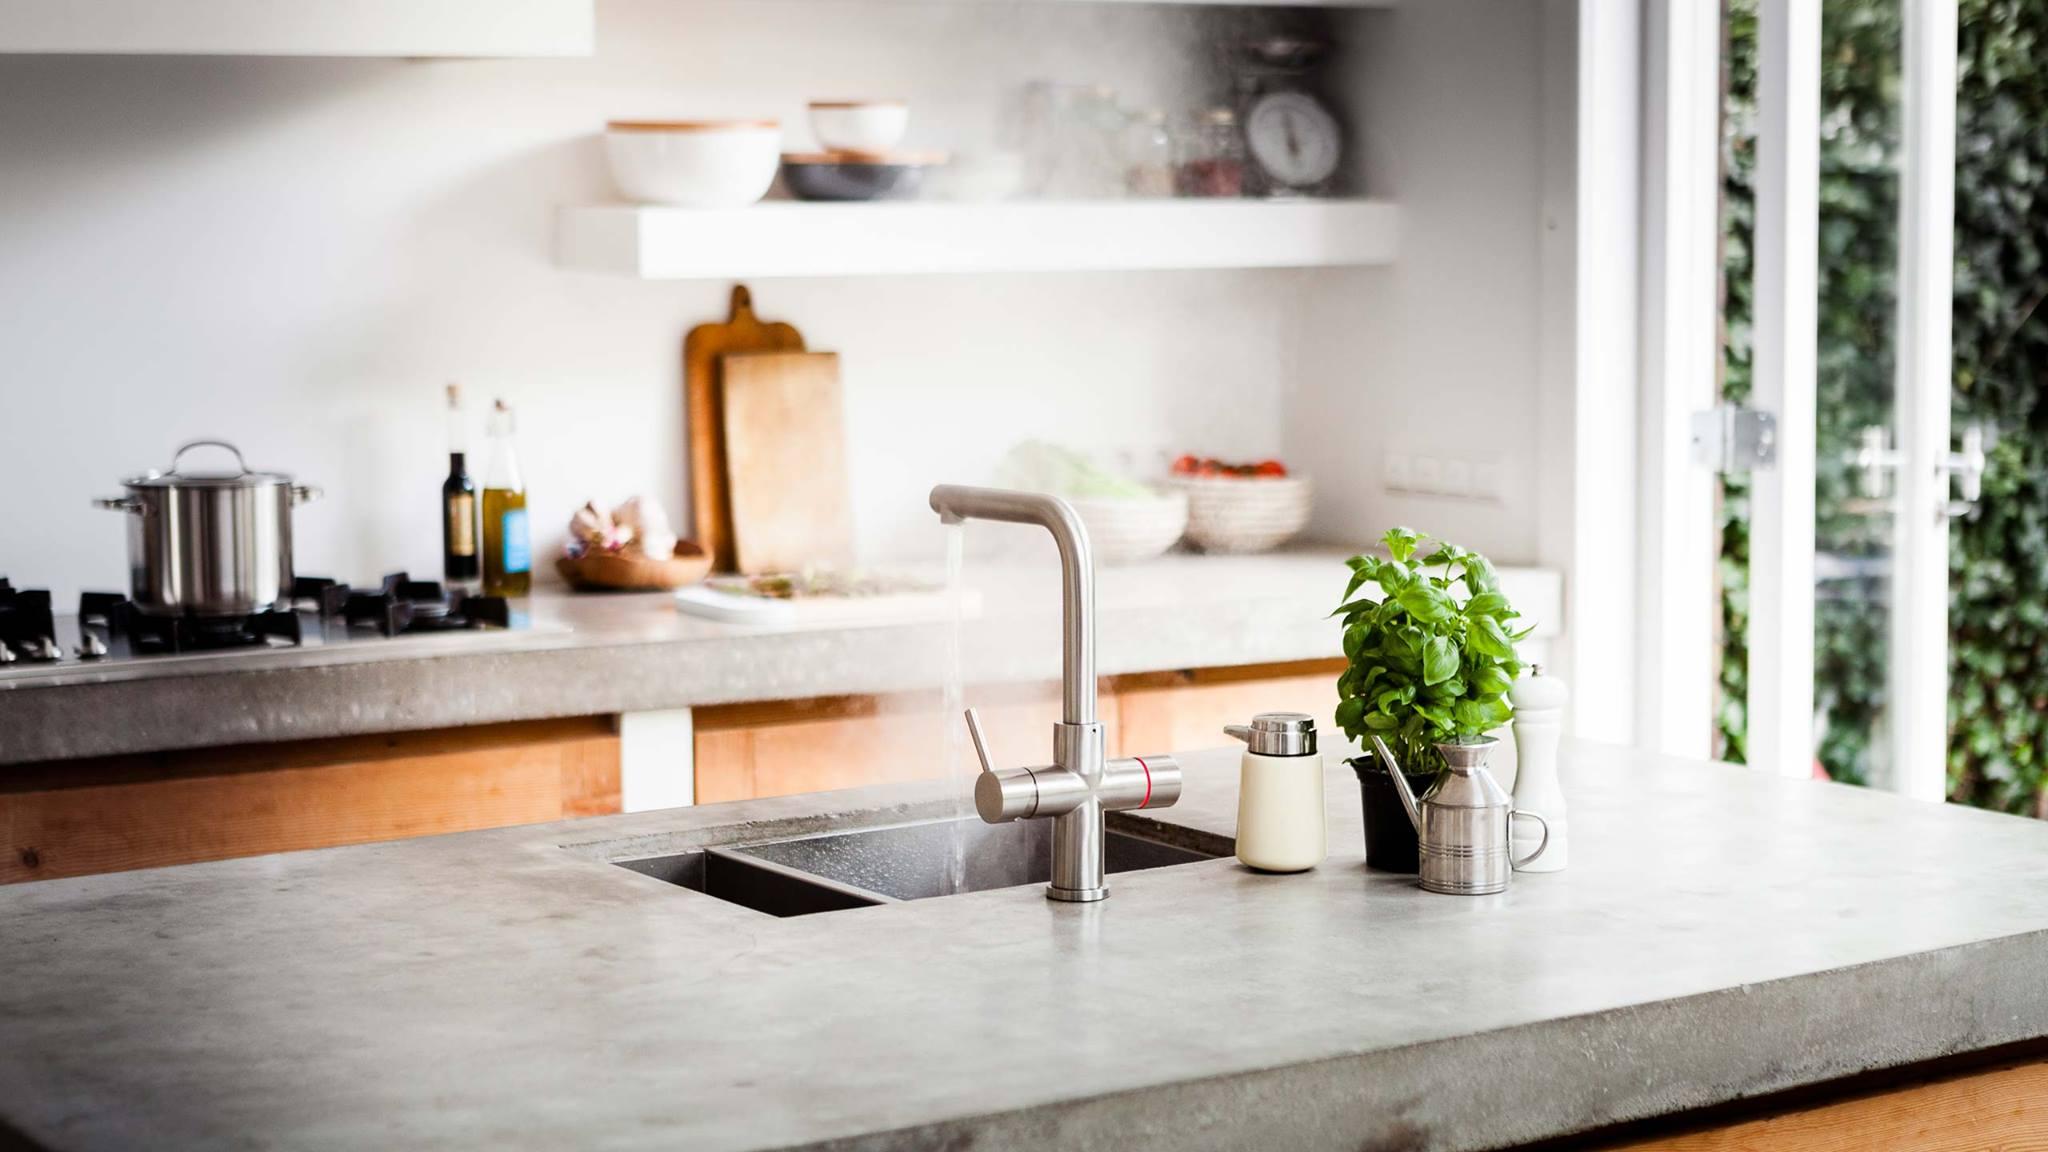 Keukenkraan Floww alles in één kraan - kokend water kraan in houten keuken met betonnen werkblad